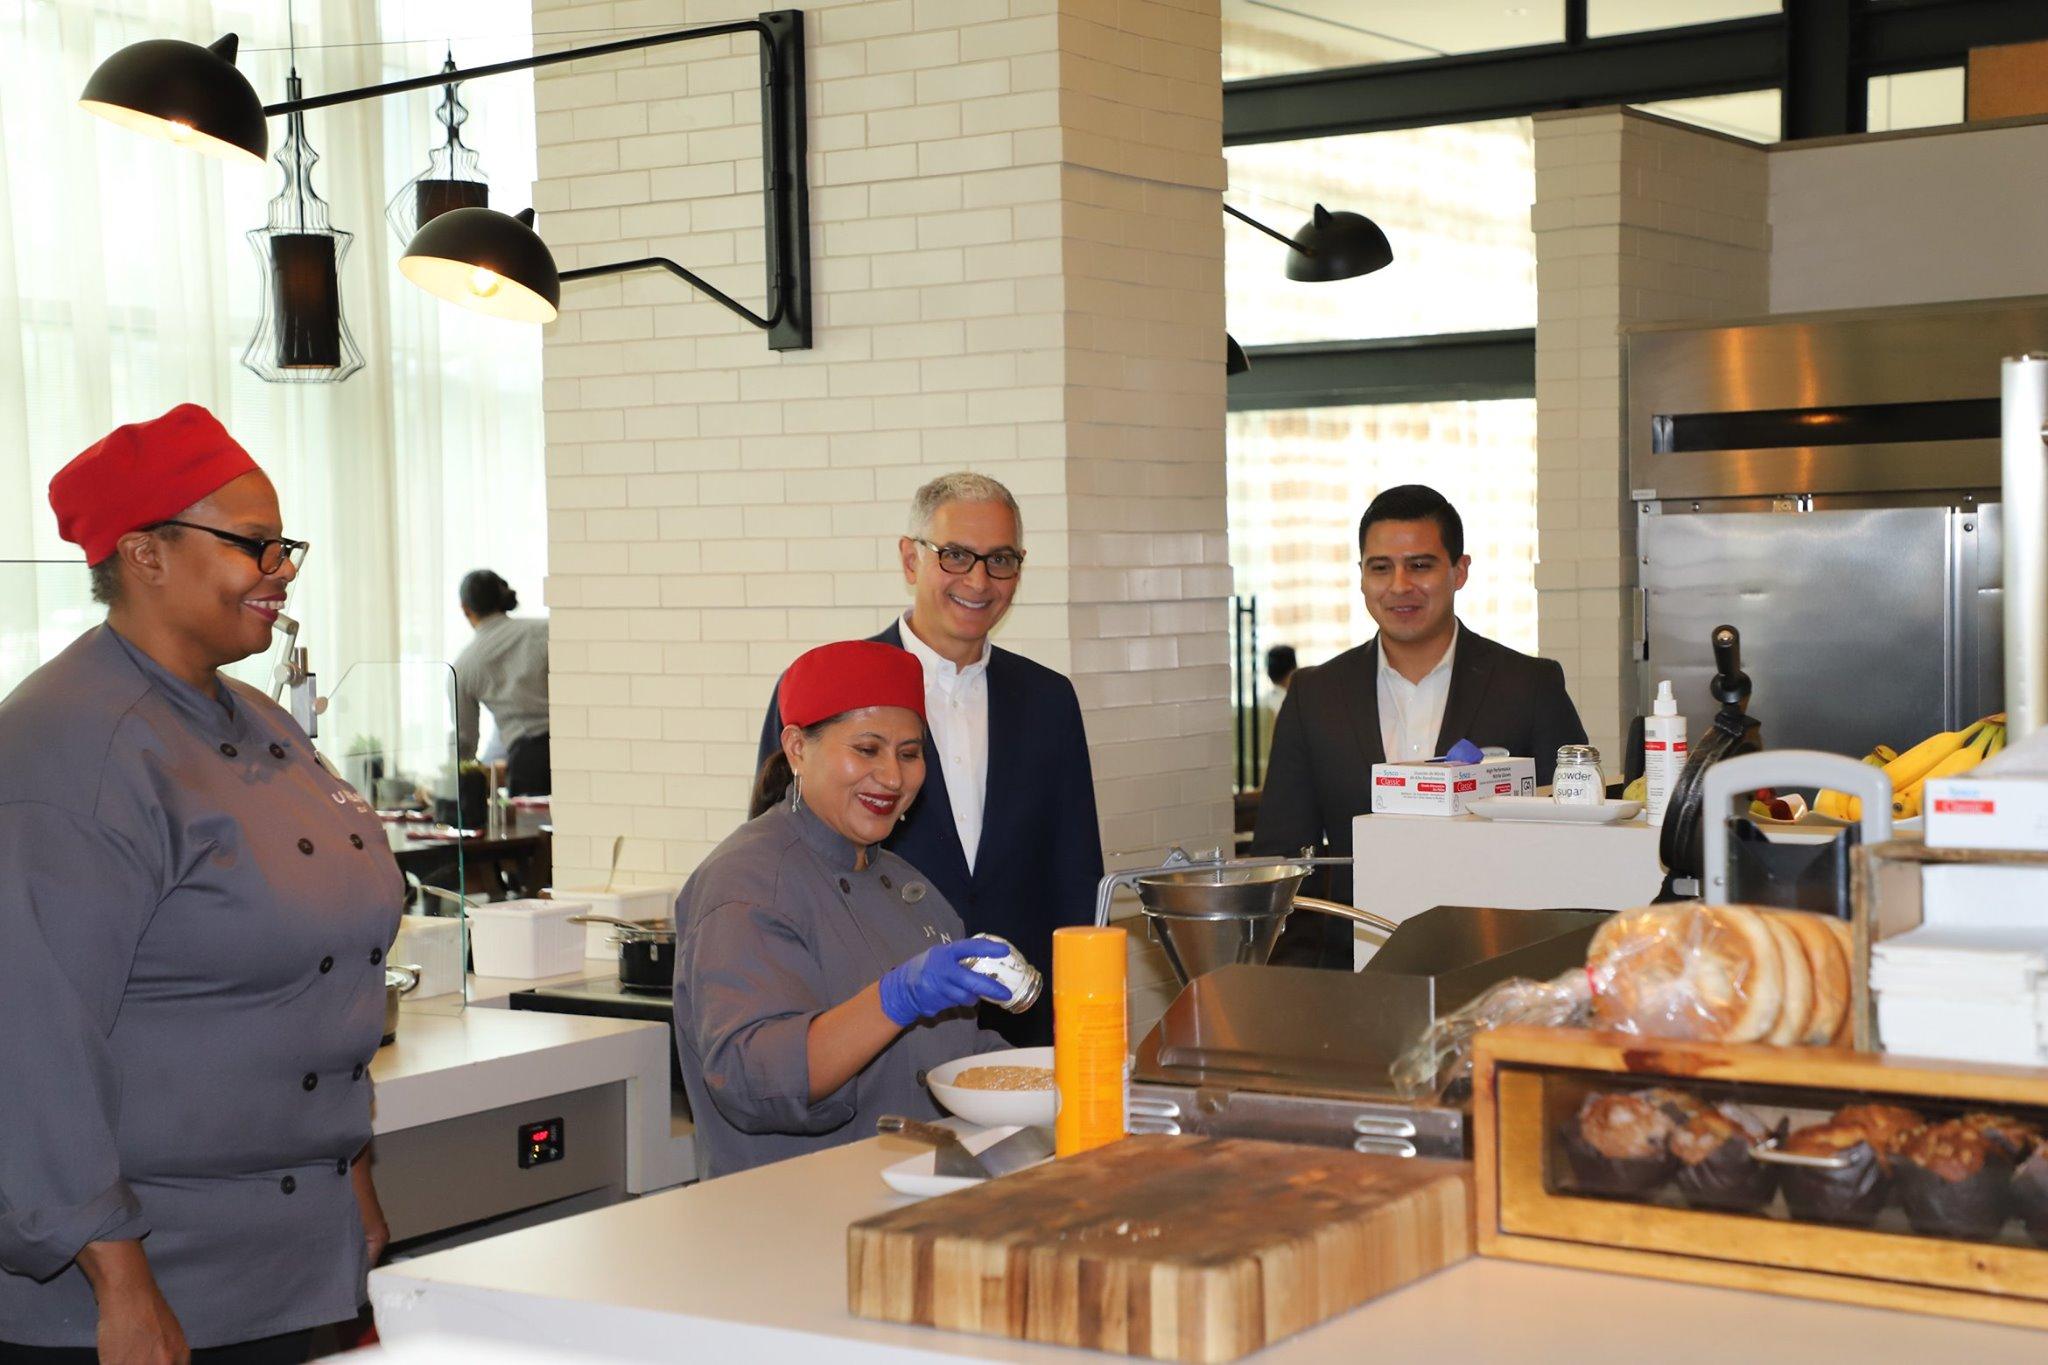 Hyatt CEO in the kitchen